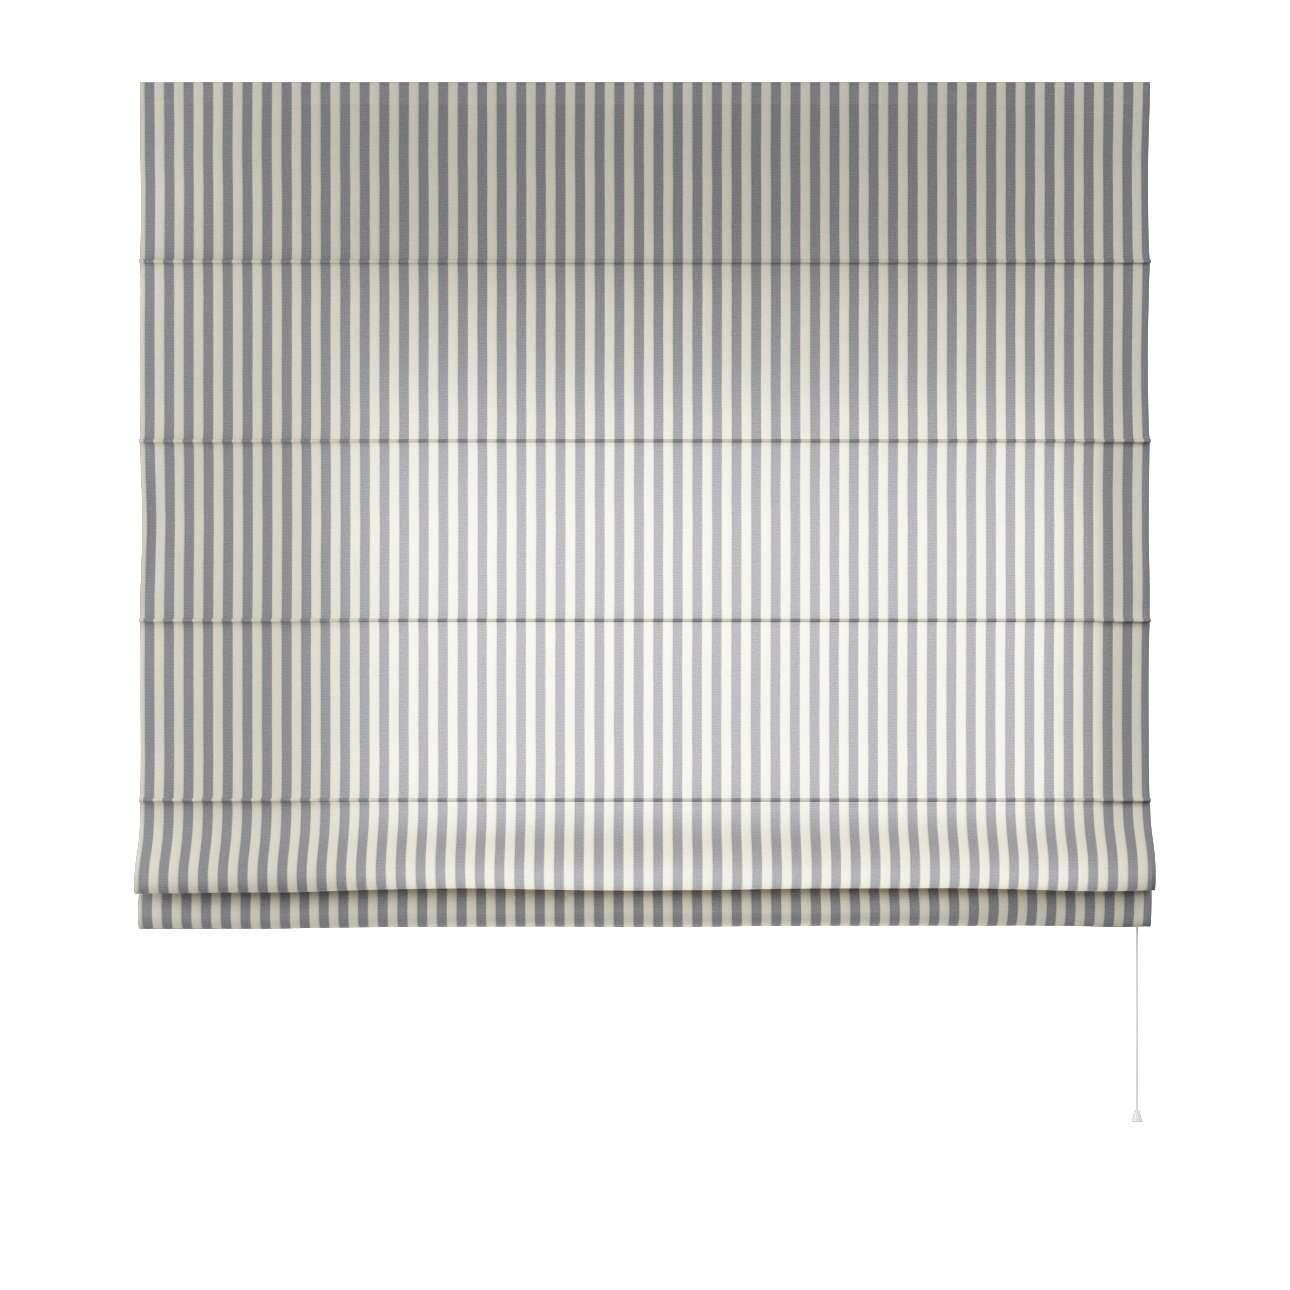 Raffrollo Capri 80 x 170 cm von der Kollektion Quadro, Stoff: 136-02